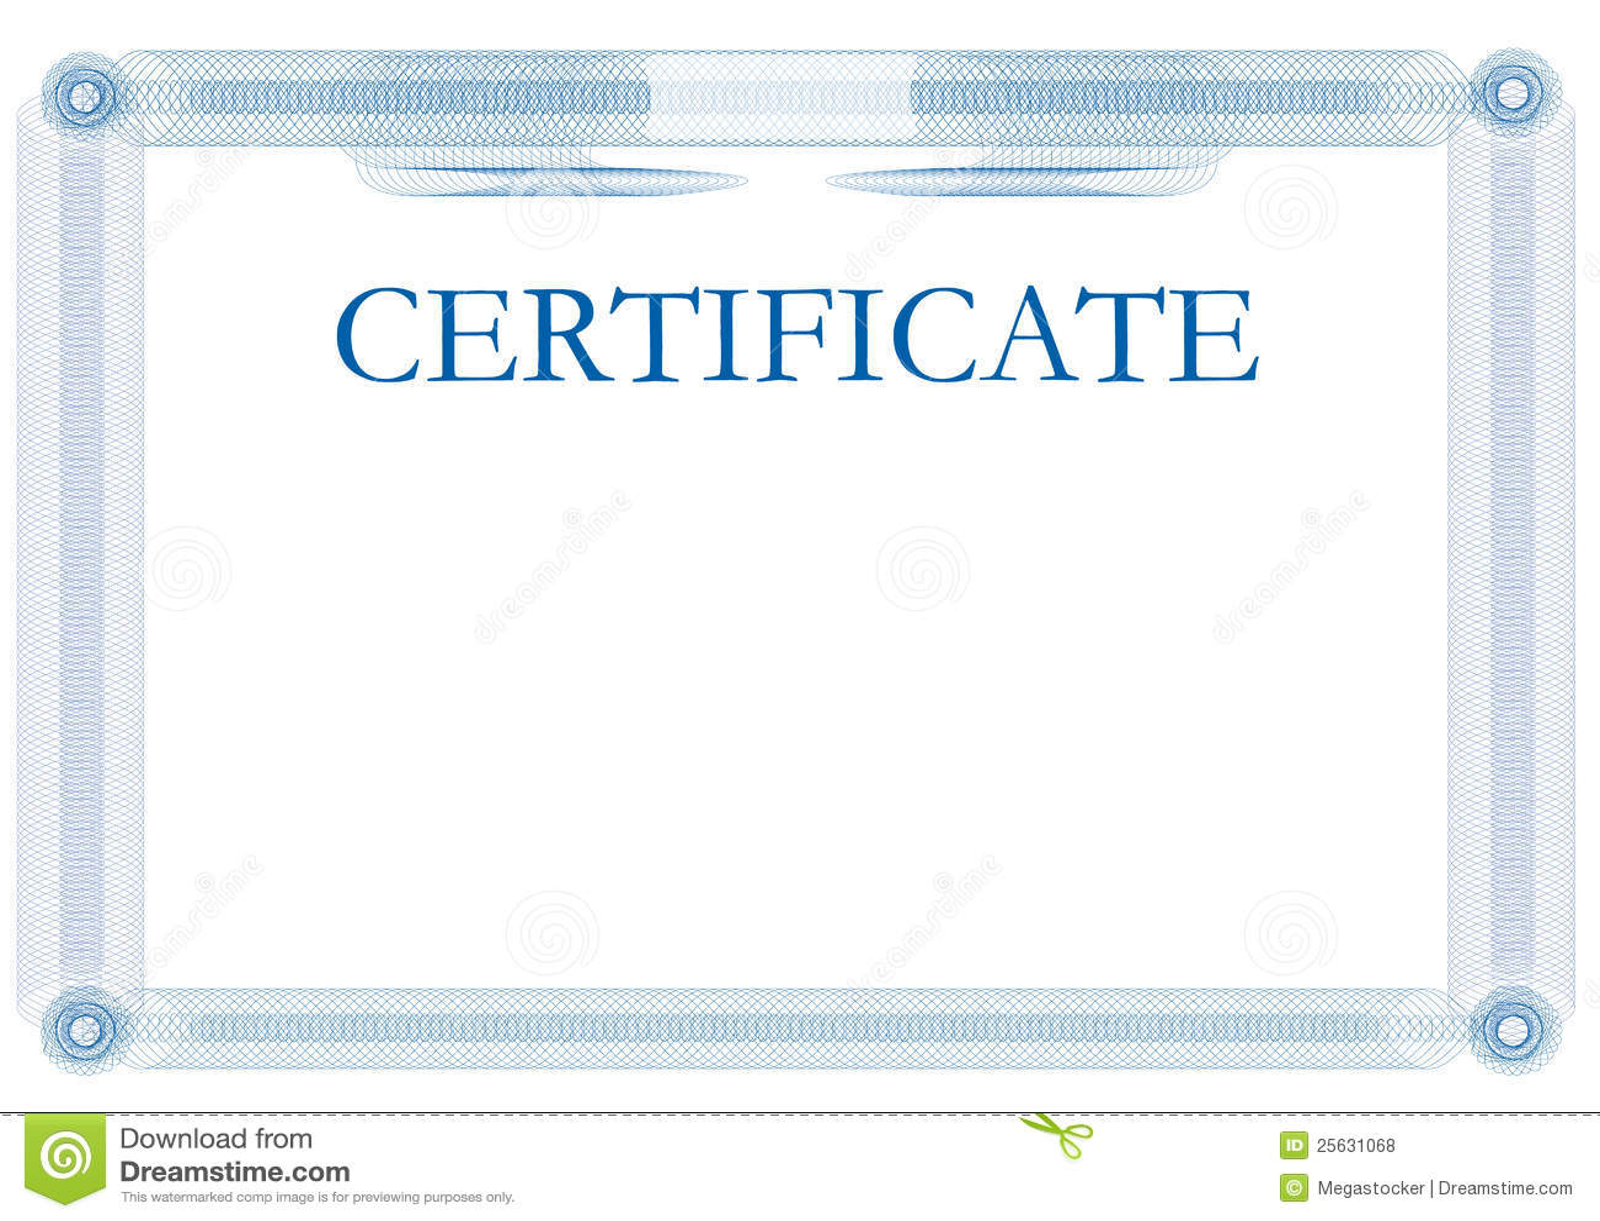 Шаблон сертификата на английском скачать